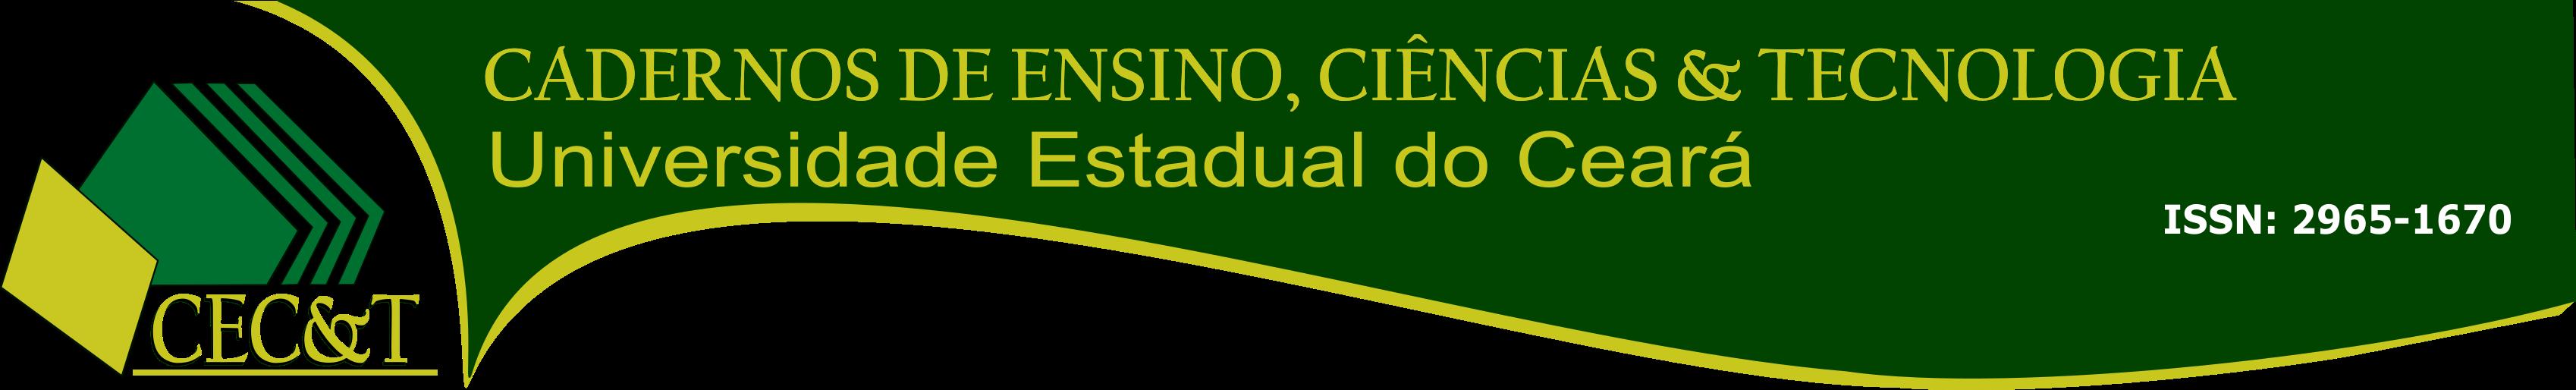 CADERNOS DE CIÊNCIAS & TECNOLOGIA